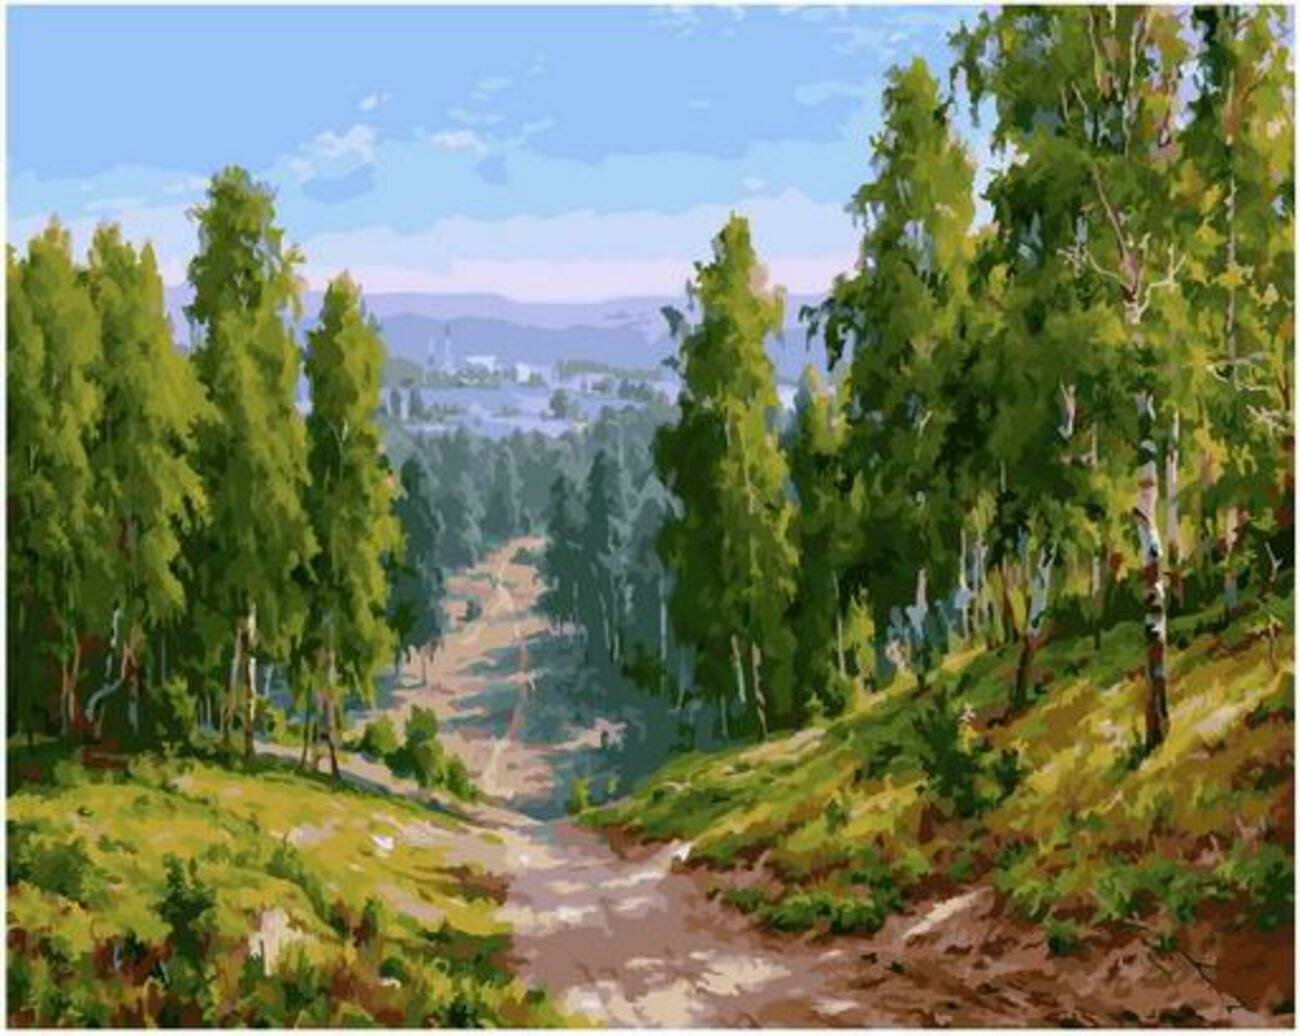 Картина по номерам Paintboy Original PK 90004 Глубинка (Басов Сергей) 40x50см